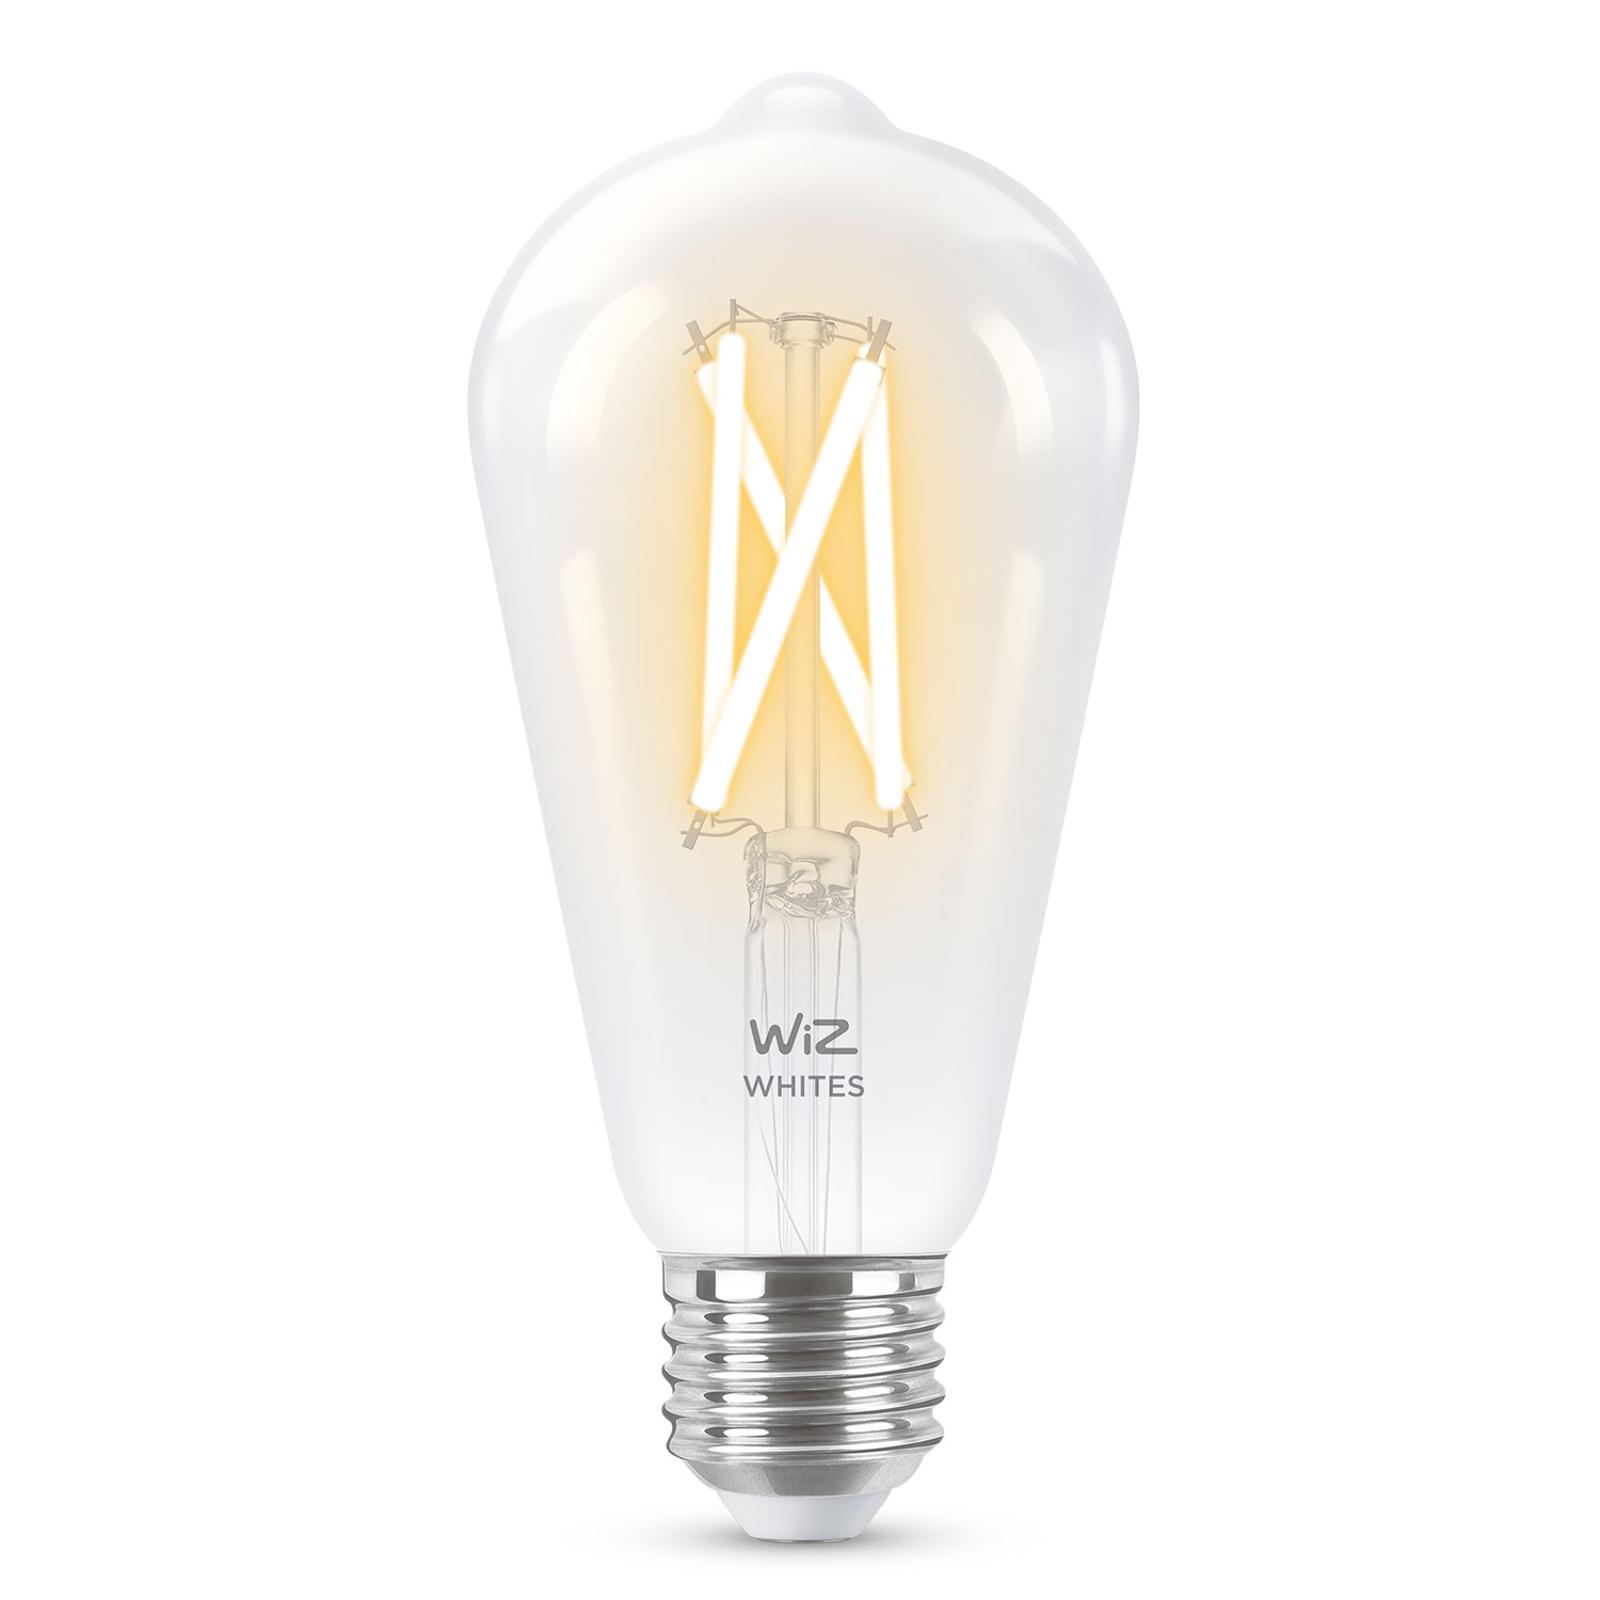 WiZ E27 LED ST64 filament klar 6,5 W 2200-5500K